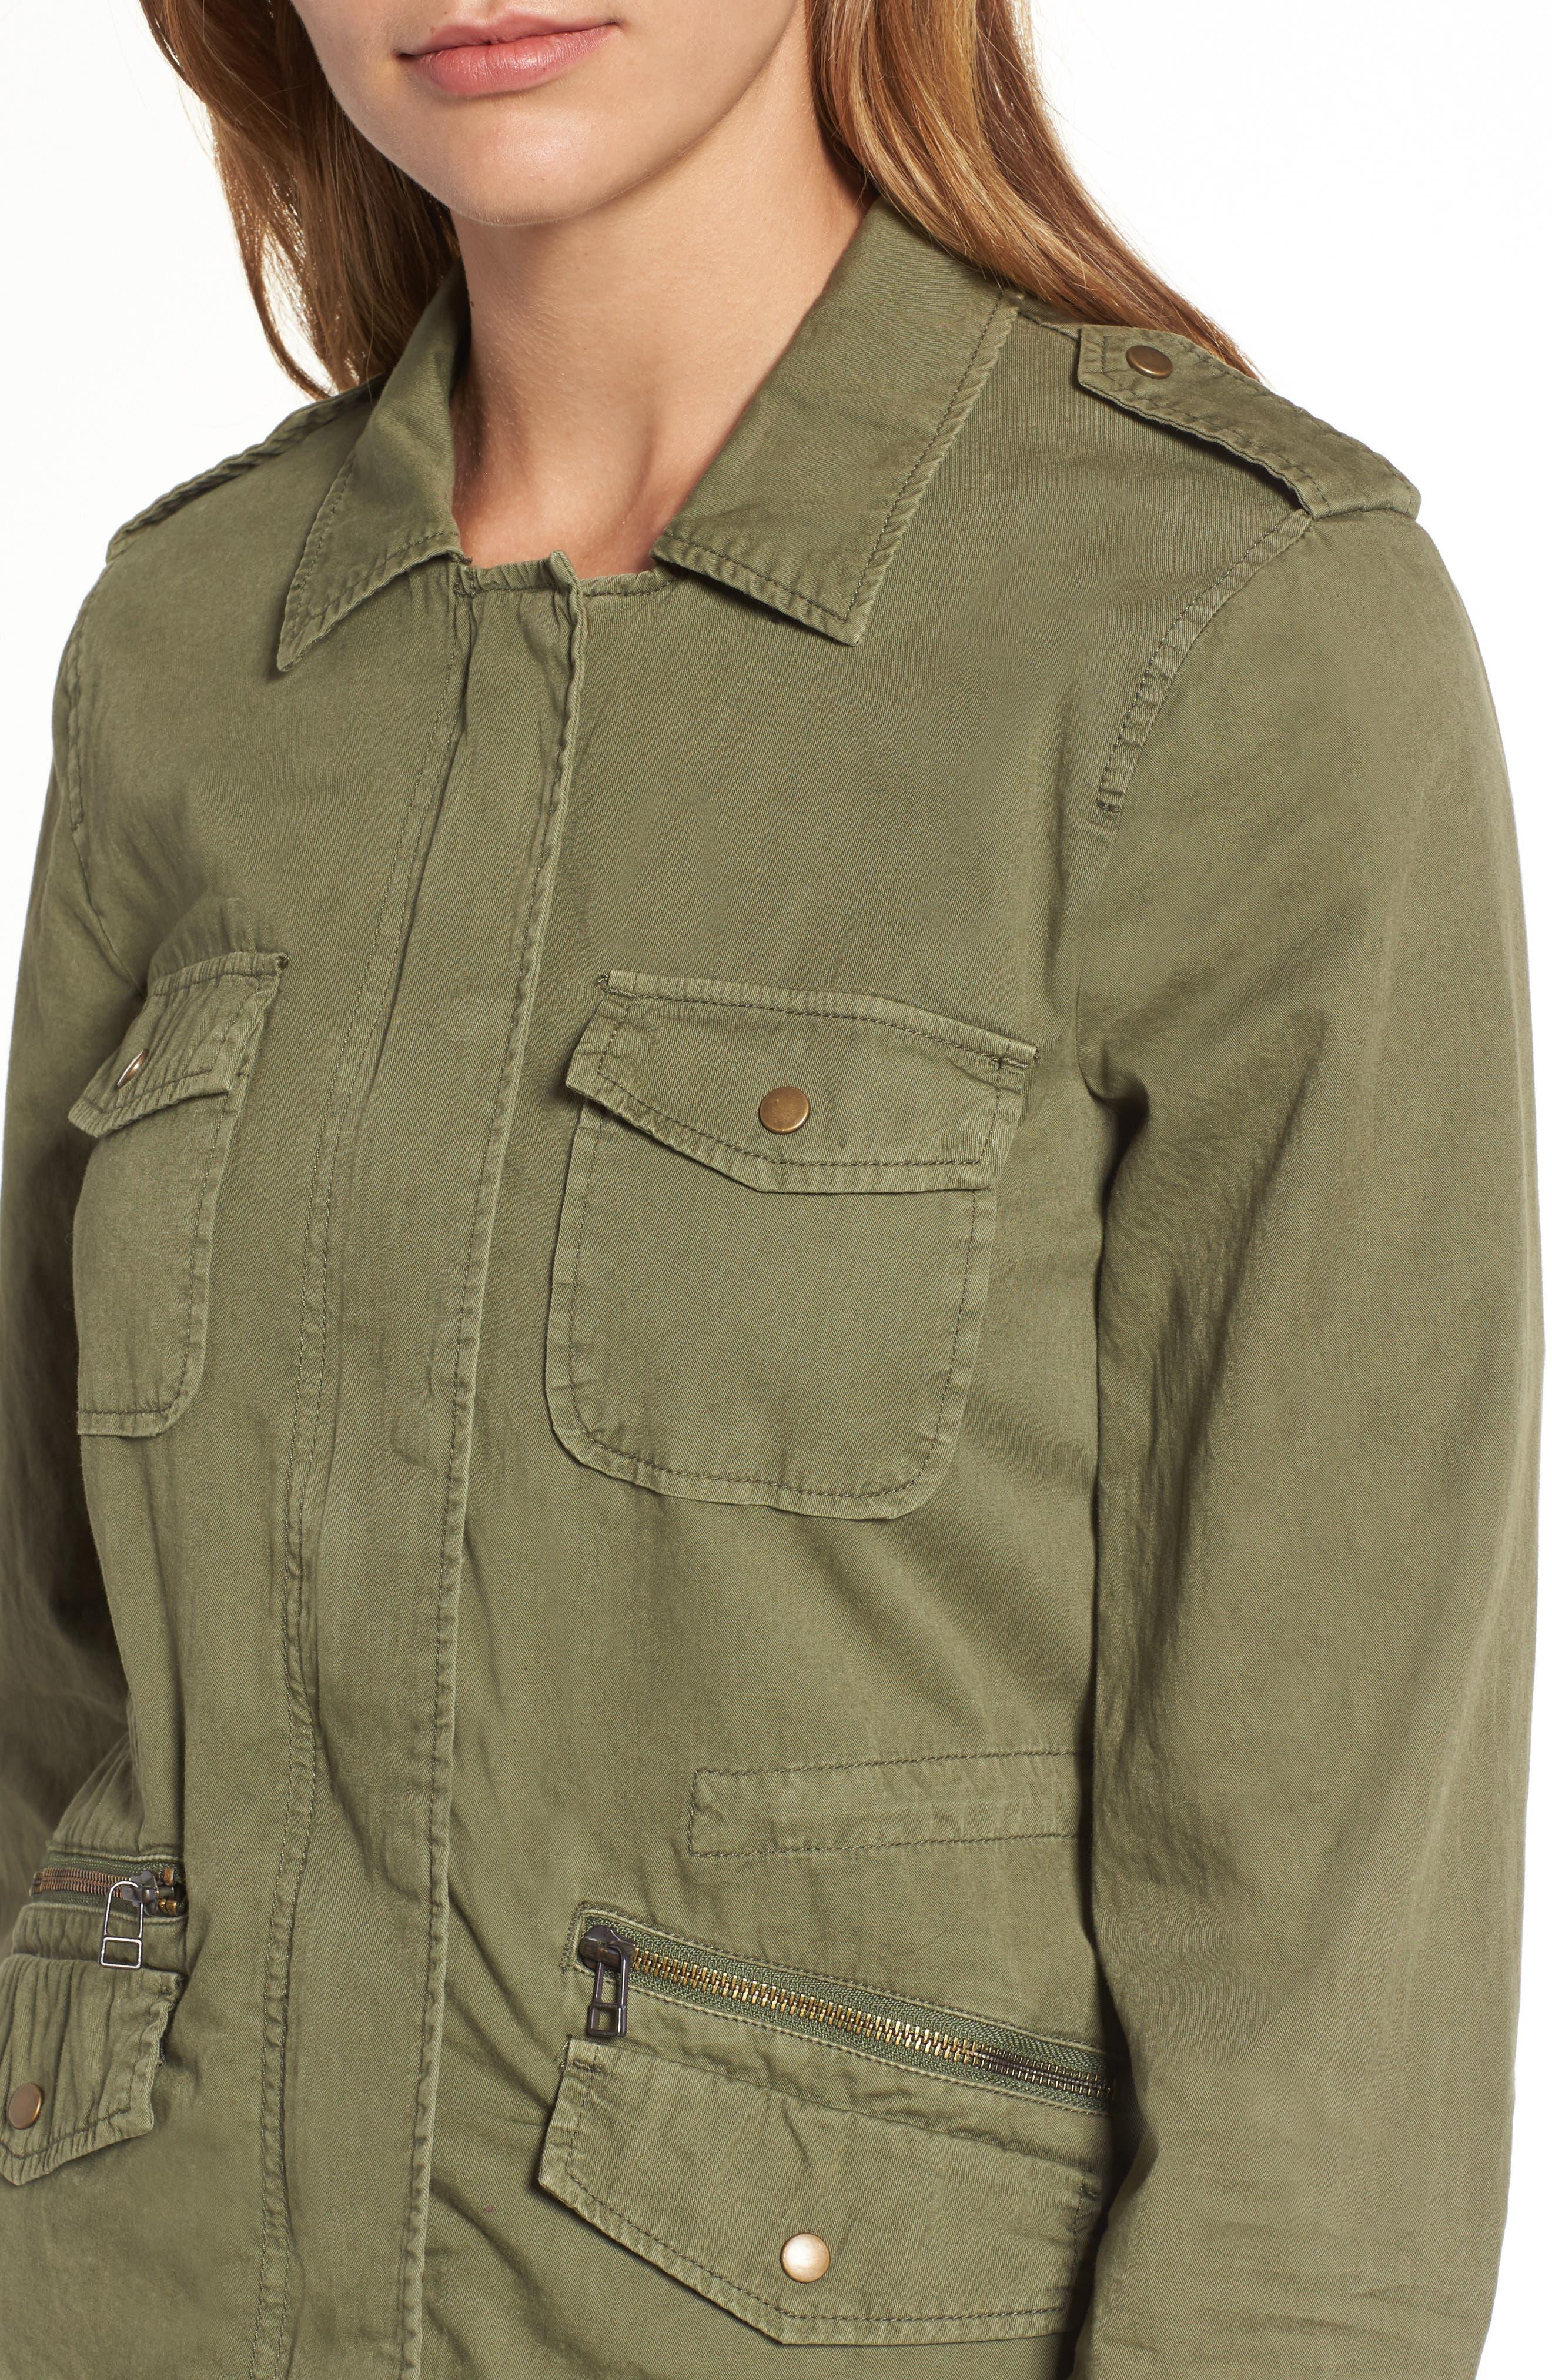 Lily Aldridge for Velvet by Graham & Spencer Army Jacket,                             Alternate thumbnail 6, color,                             FOREST GREEN